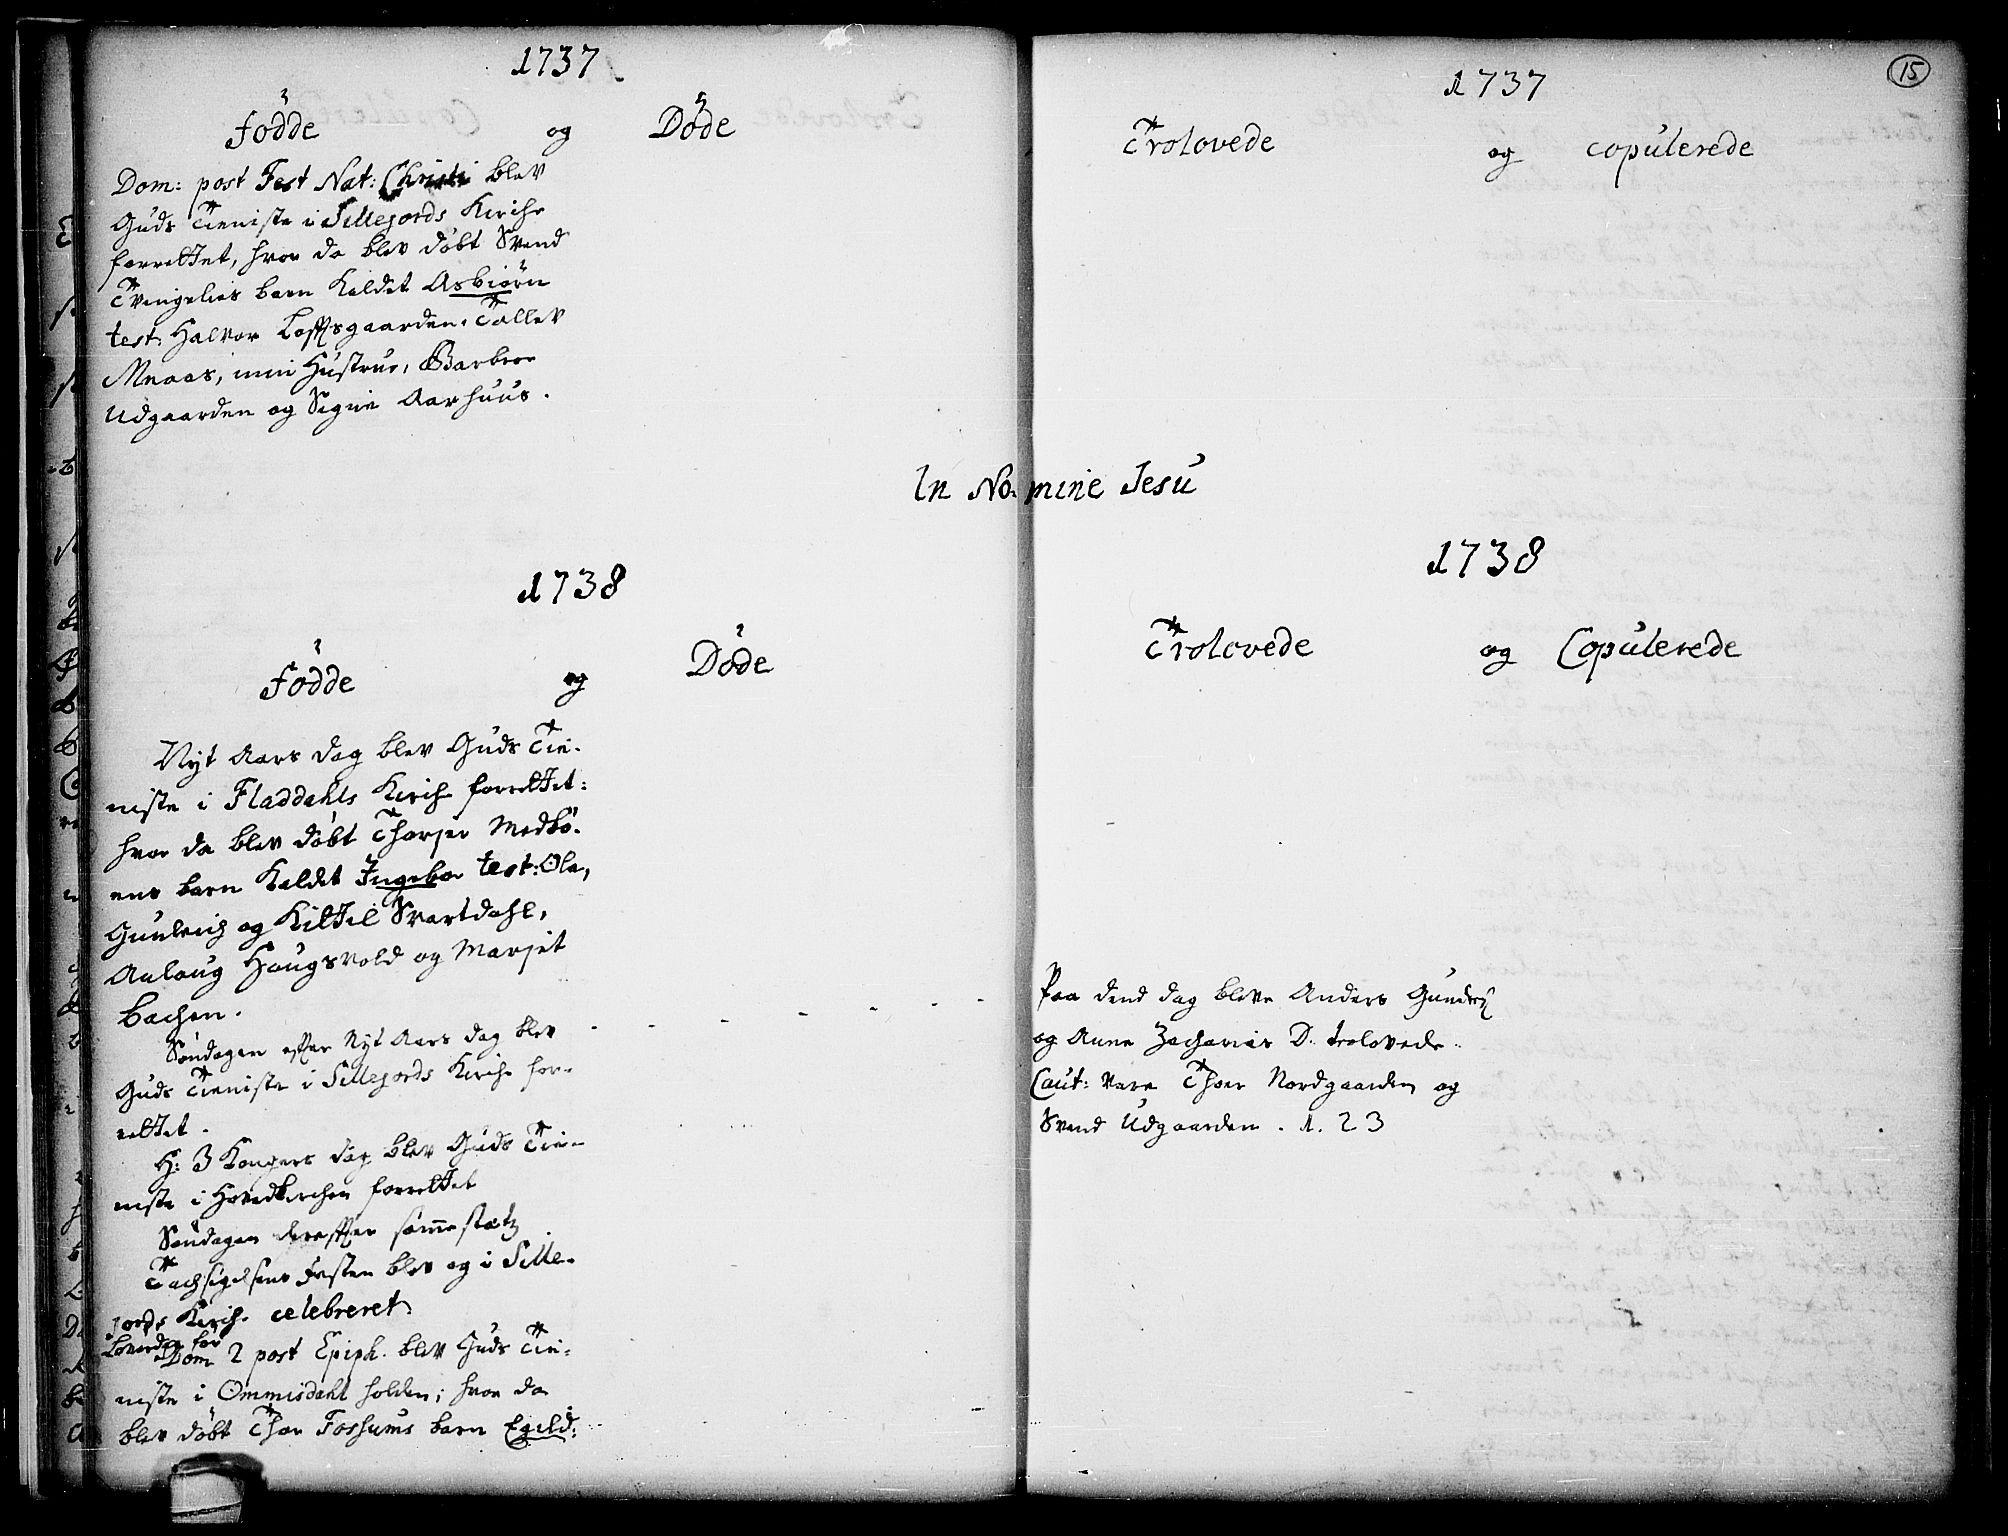 SAKO, Seljord kirkebøker, F/Fa/L0005: Ministerialbok nr. I 5, 1737-1743, s. 15